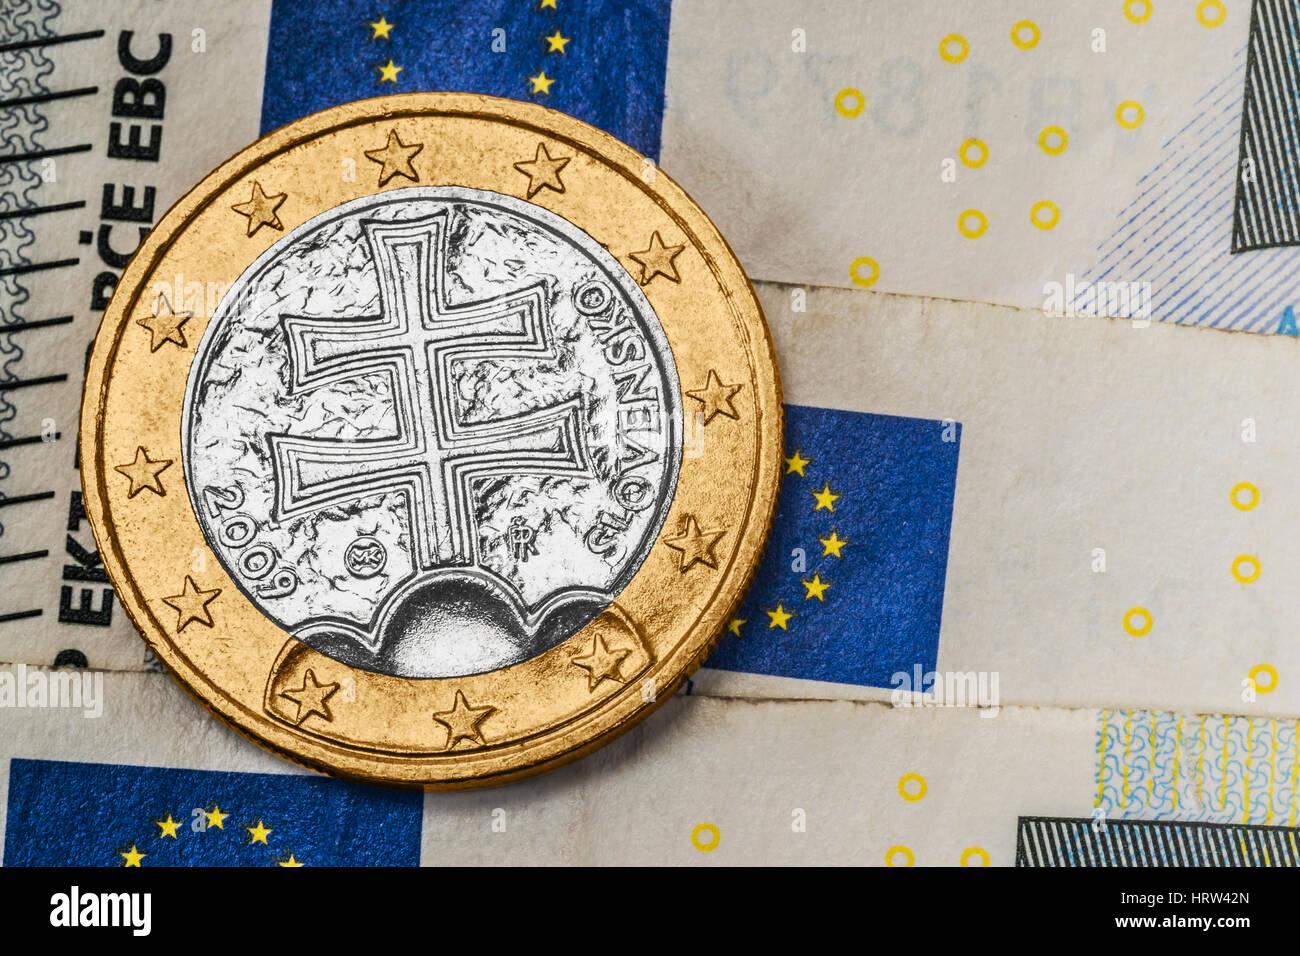 Eine 1 Euro Münze Aus Der Slowakei Auf Euro Banknoten Stockfoto